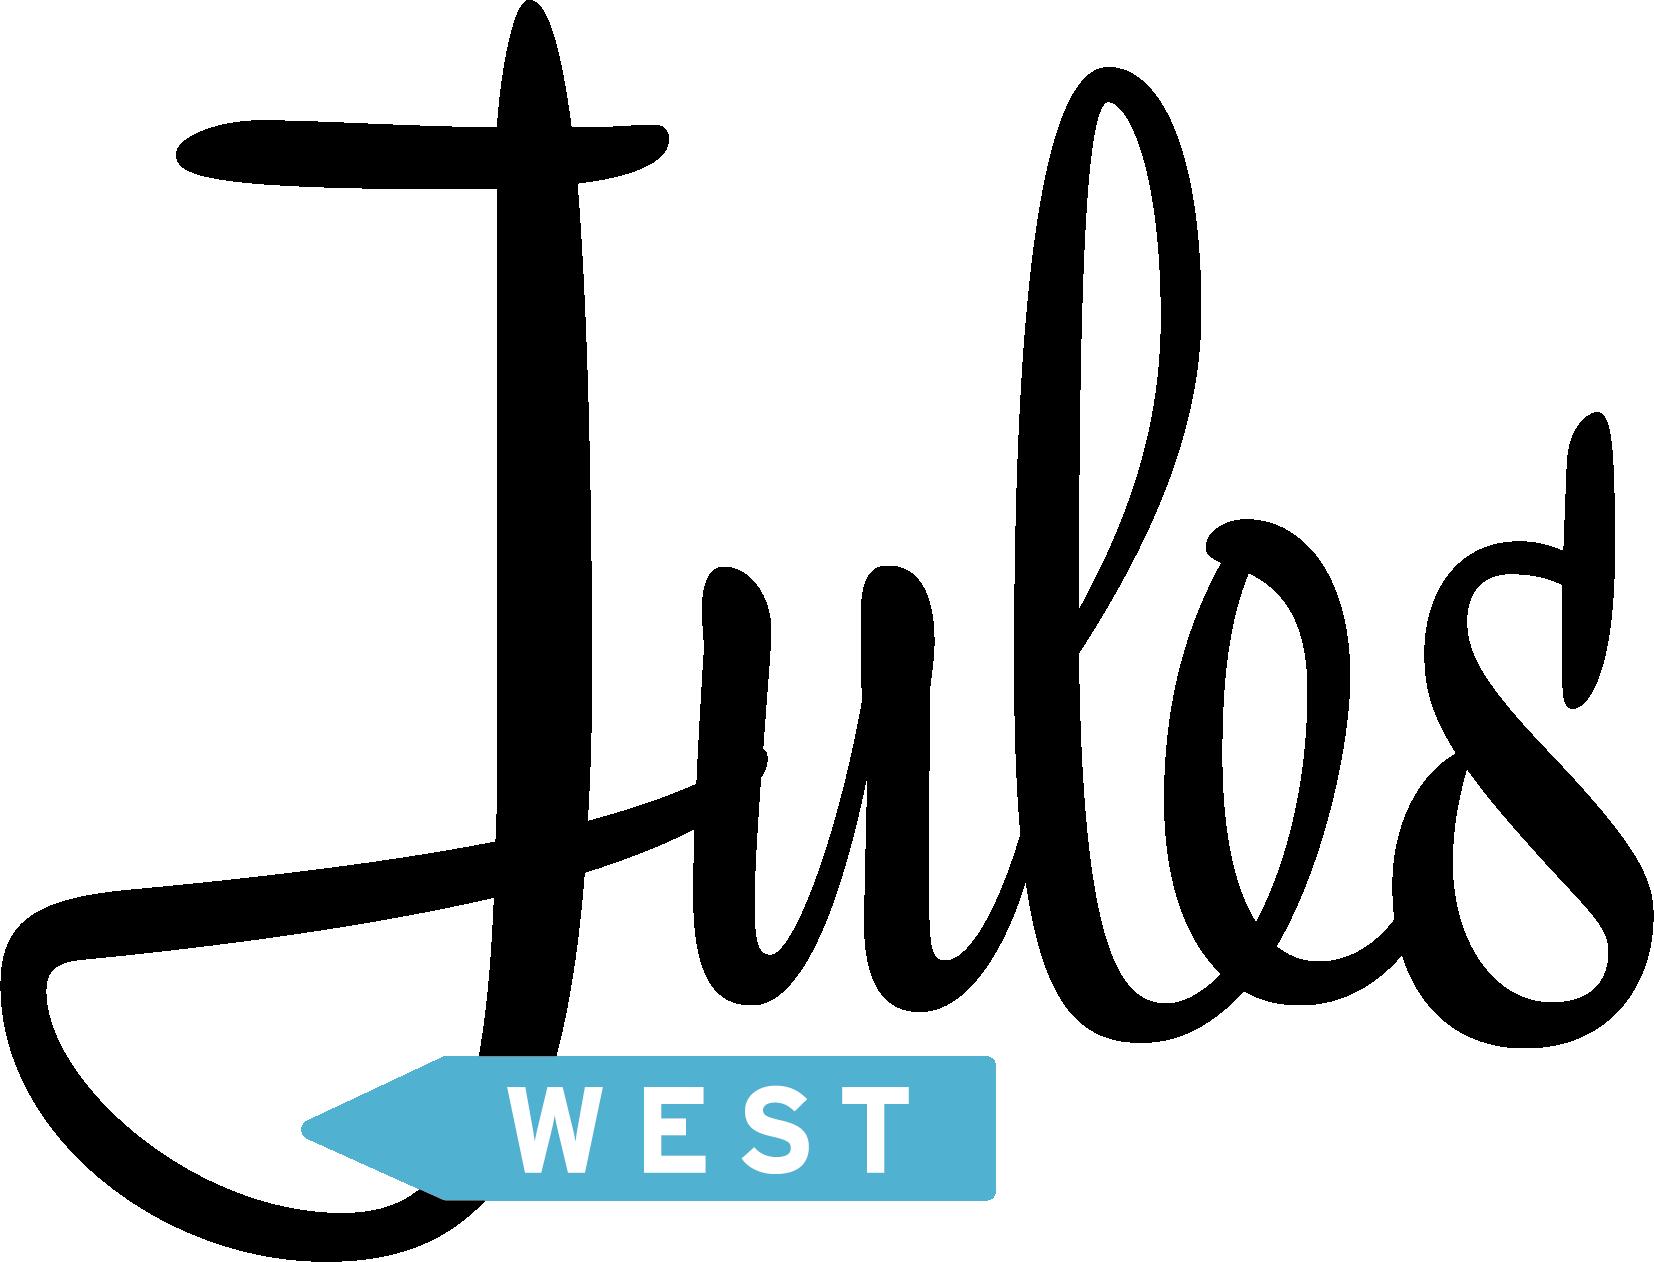 Projektlogo von Jules West